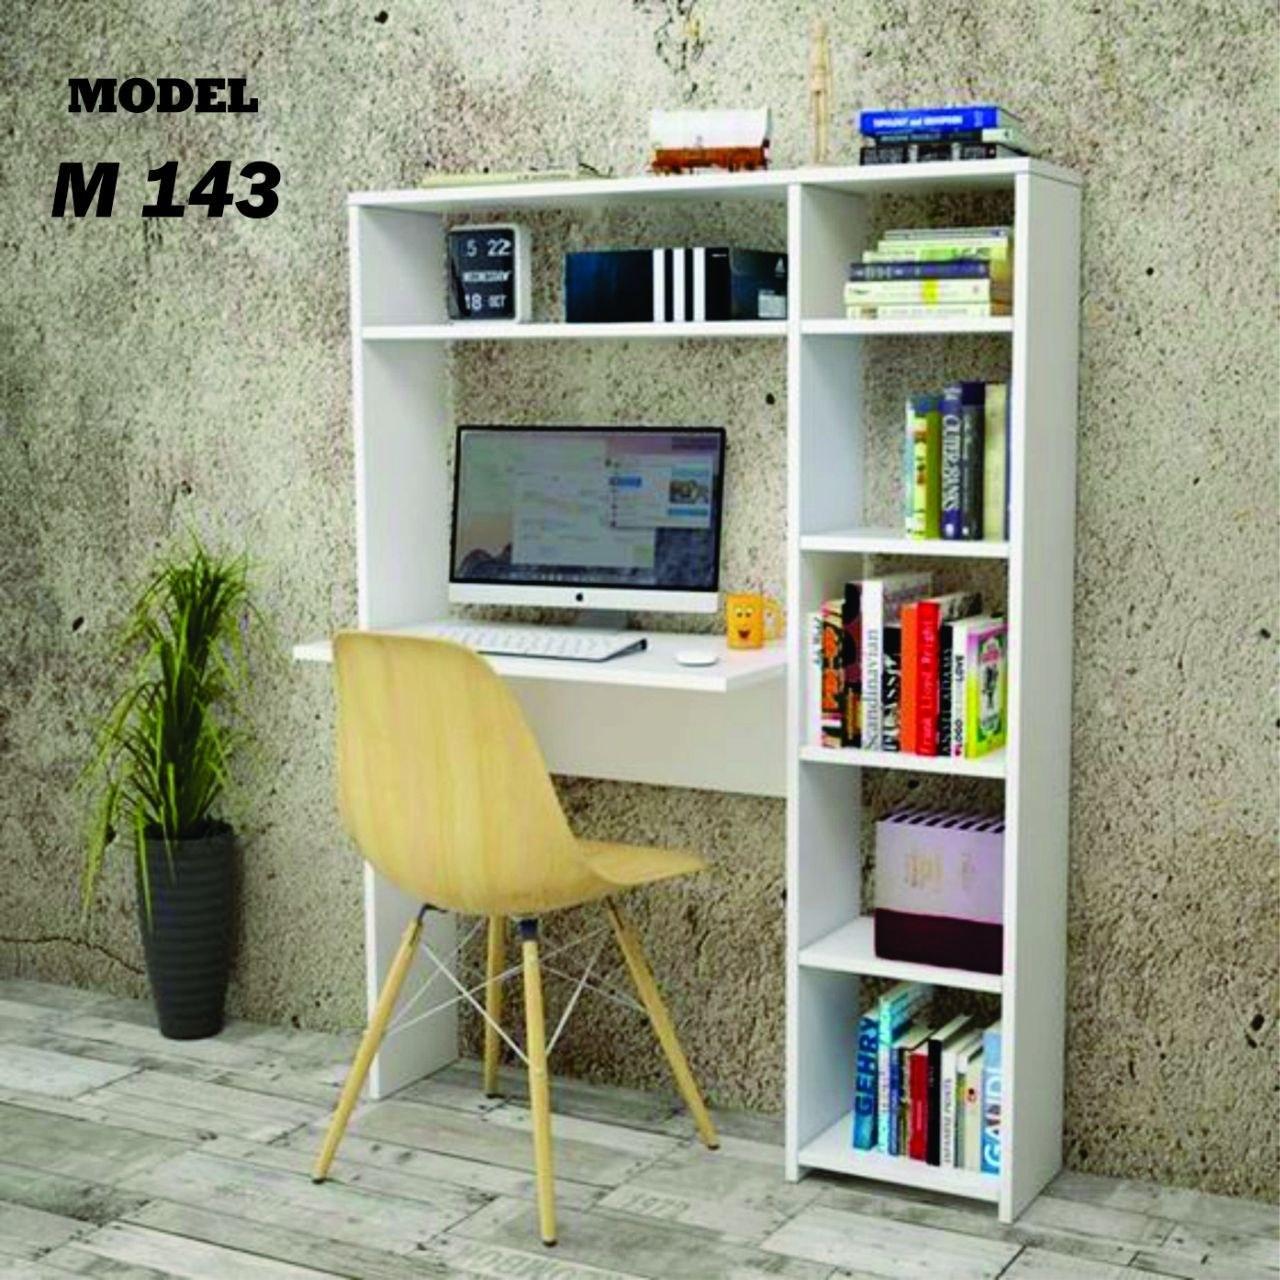 تصویر میز تحریر کتابخانه دار مدل M143